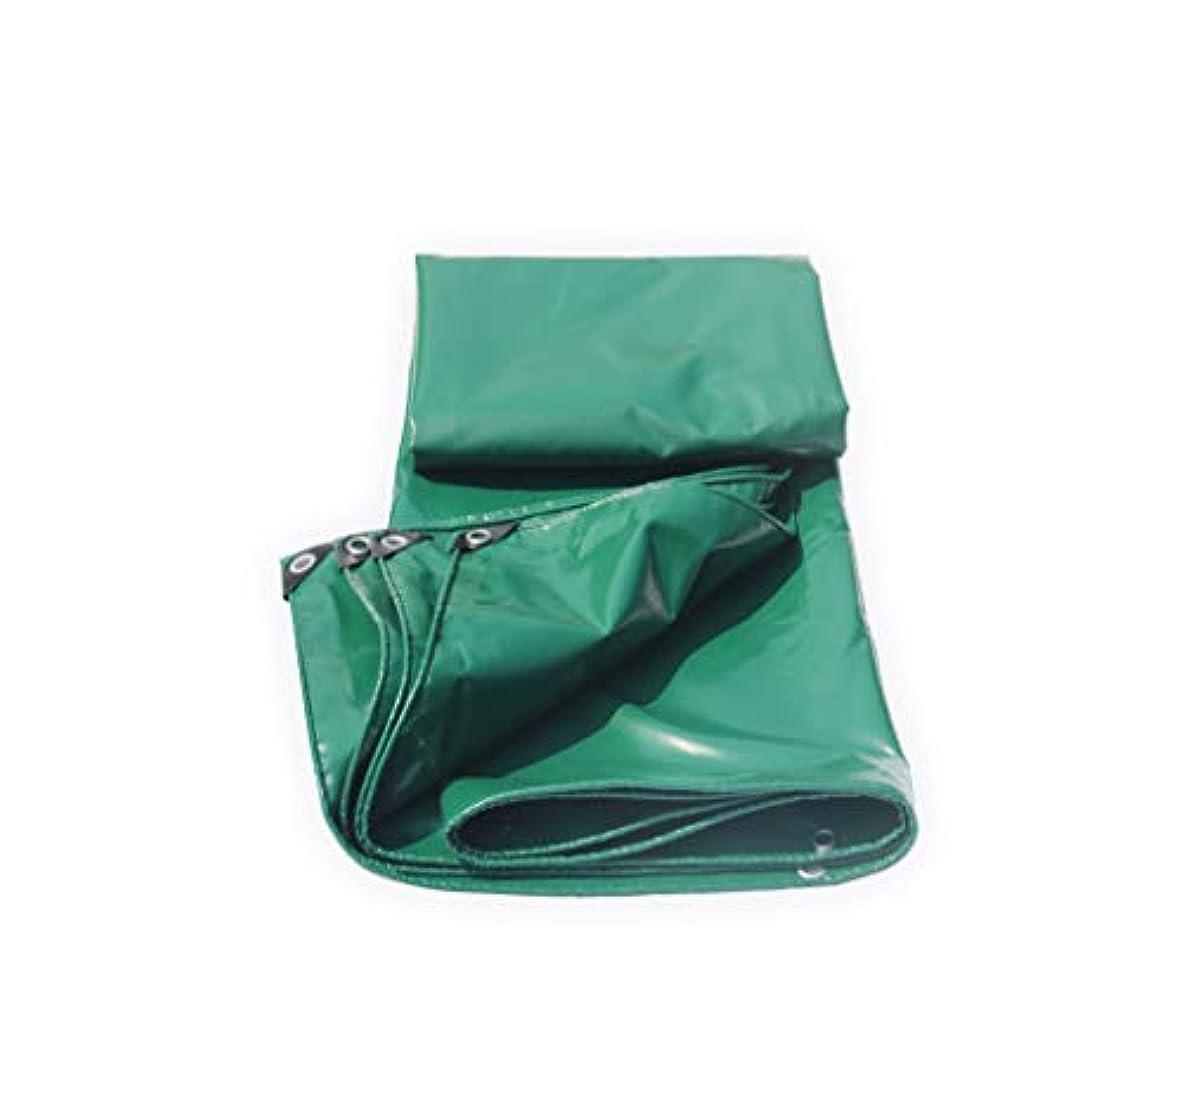 鳩端改修するTarpaulin 屋外ホームピクニック車のキャンプ、オプションの3色のための防水ポンチョ厚い編み上げターポリン Garden tent (Color : Green, Size : 1.5*2m)